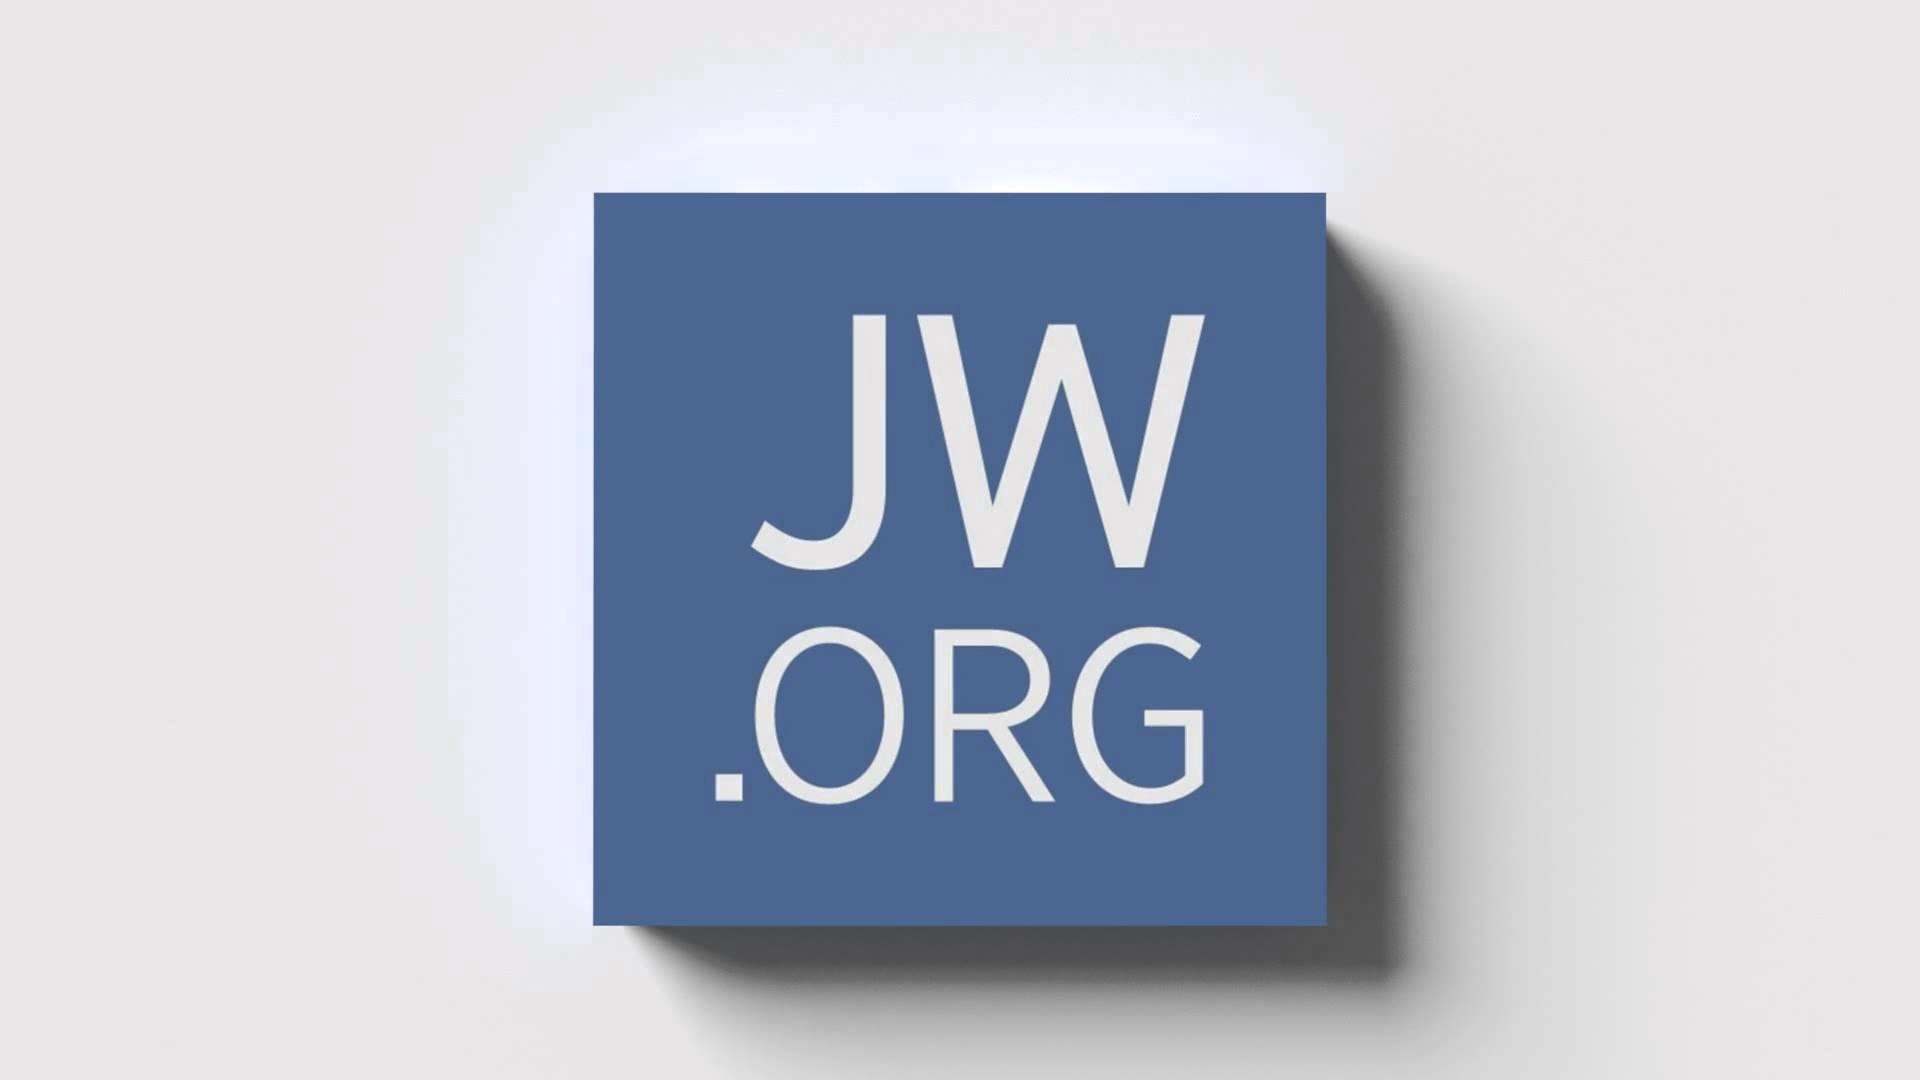 Jw Logo Wallpaper (80+ images)